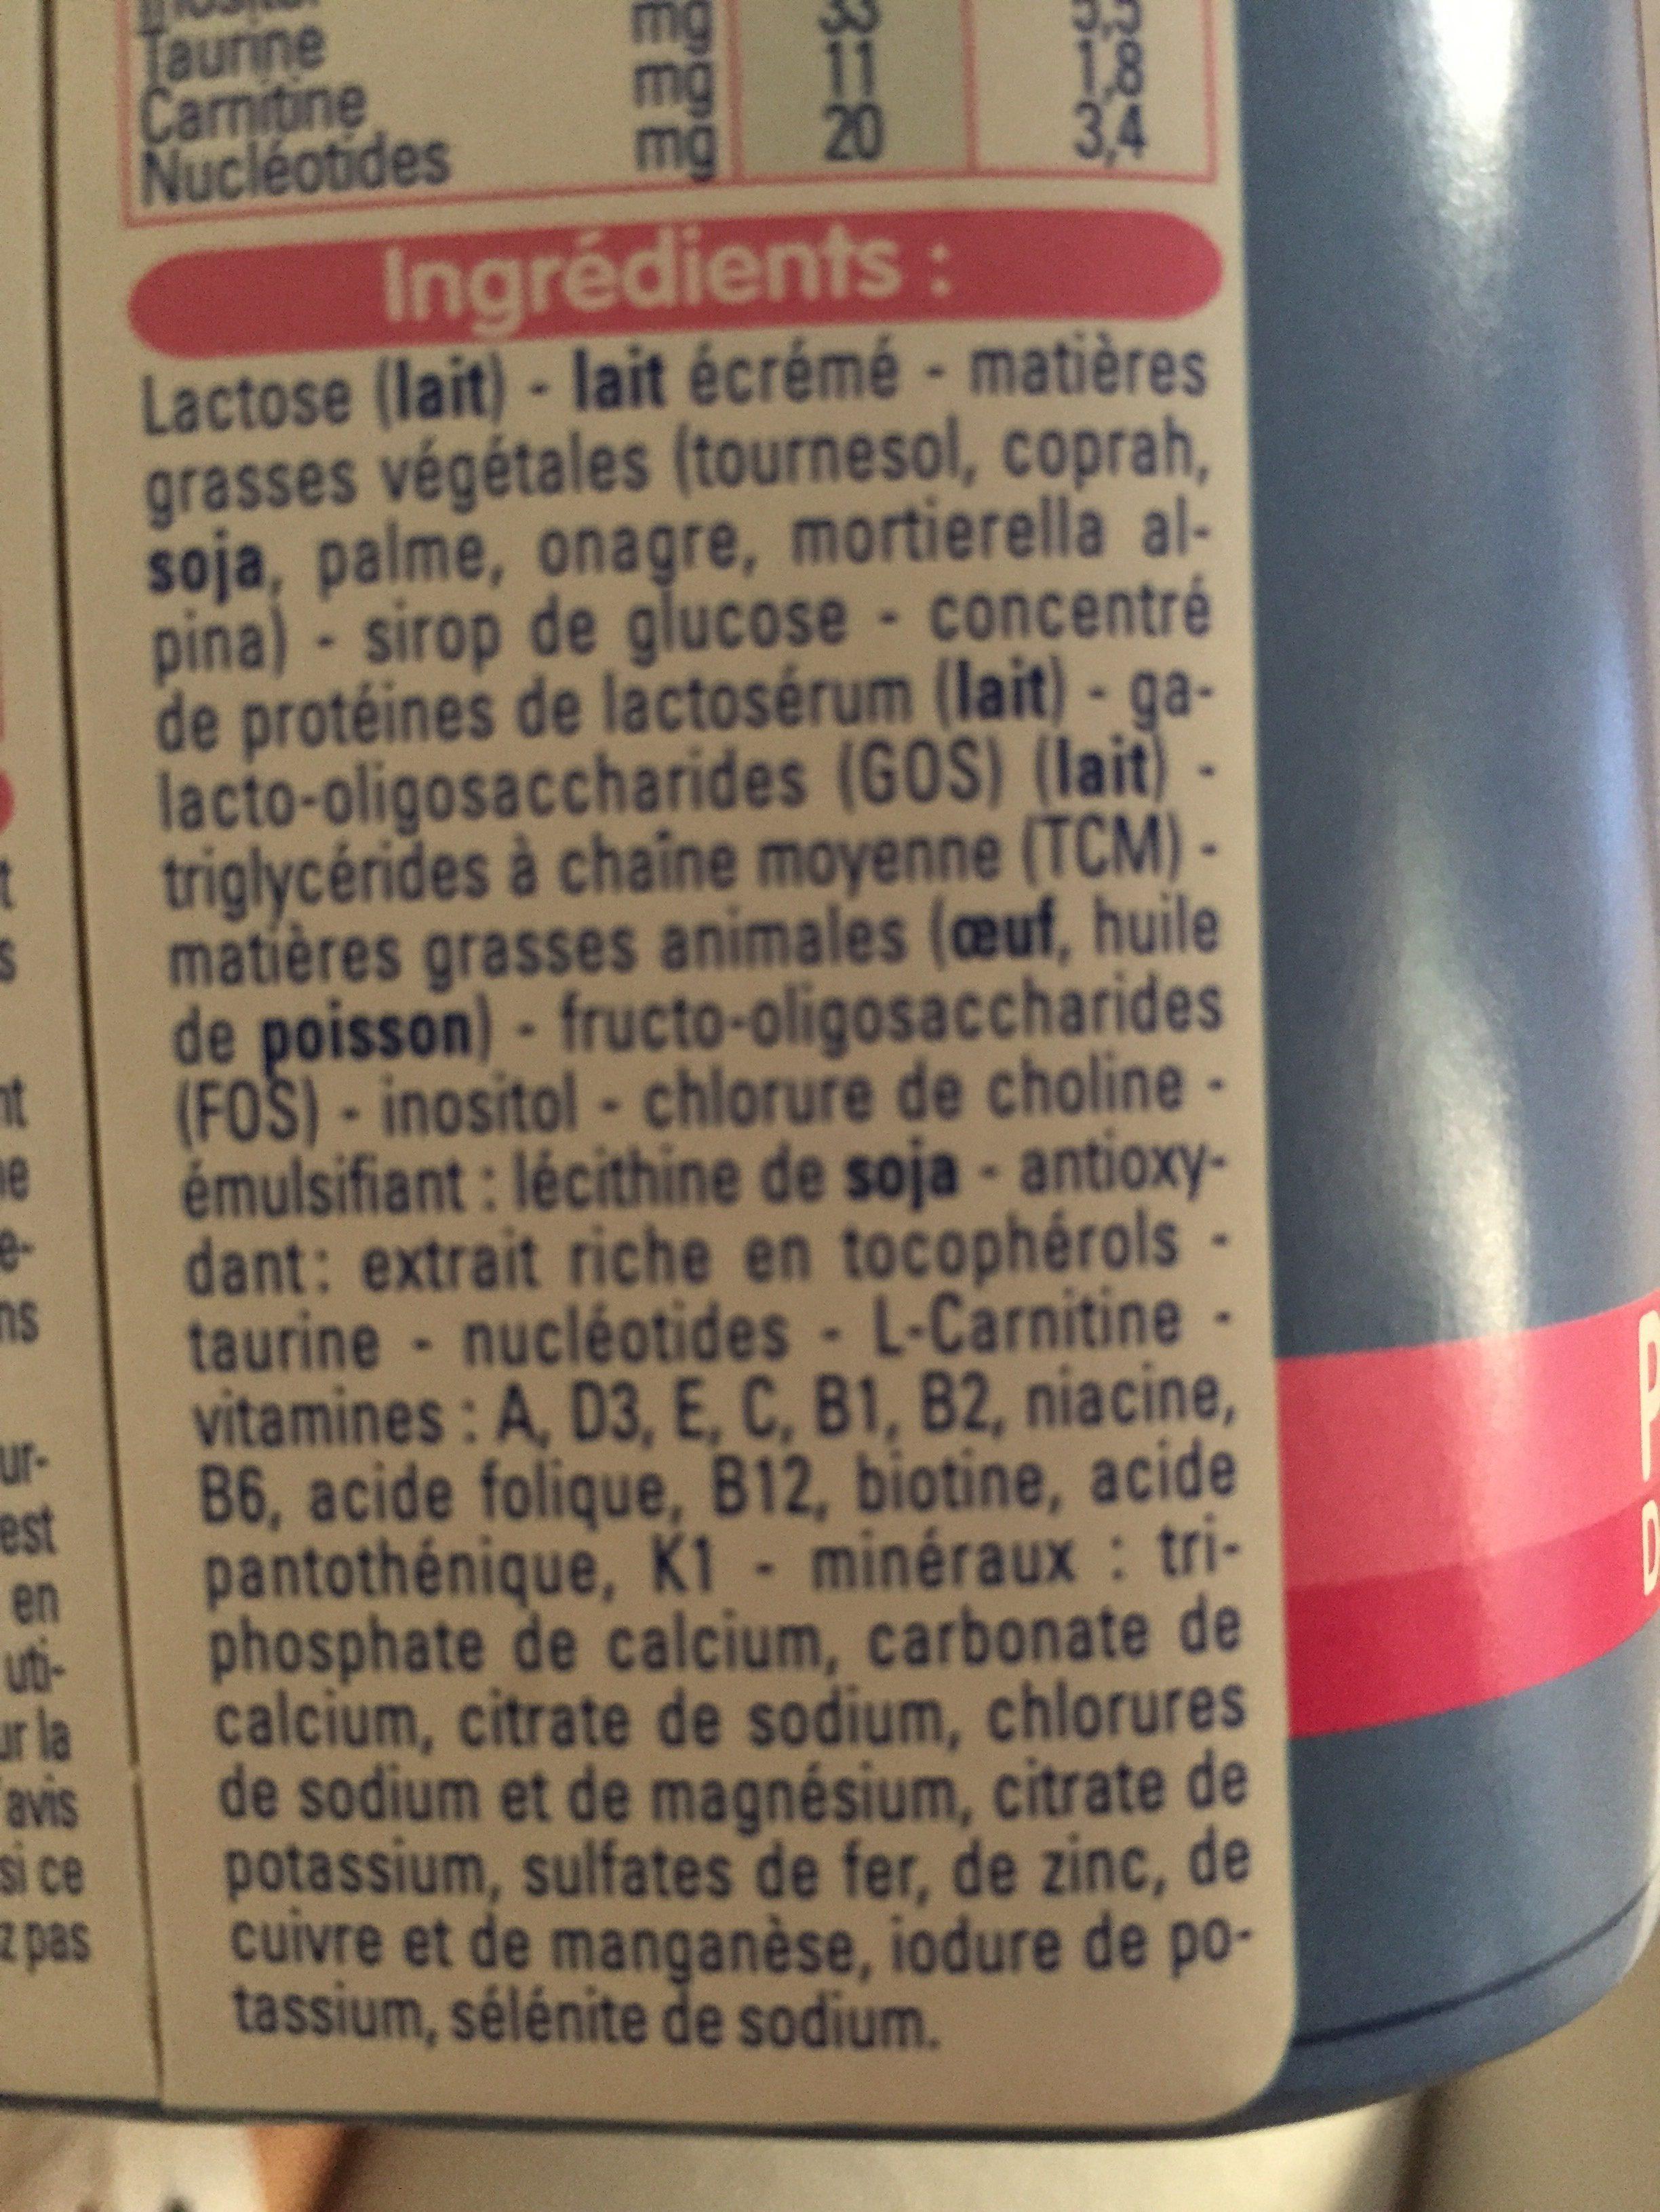 Gallia Pre Gallia Lait En Poudre - Ingrédients - fr